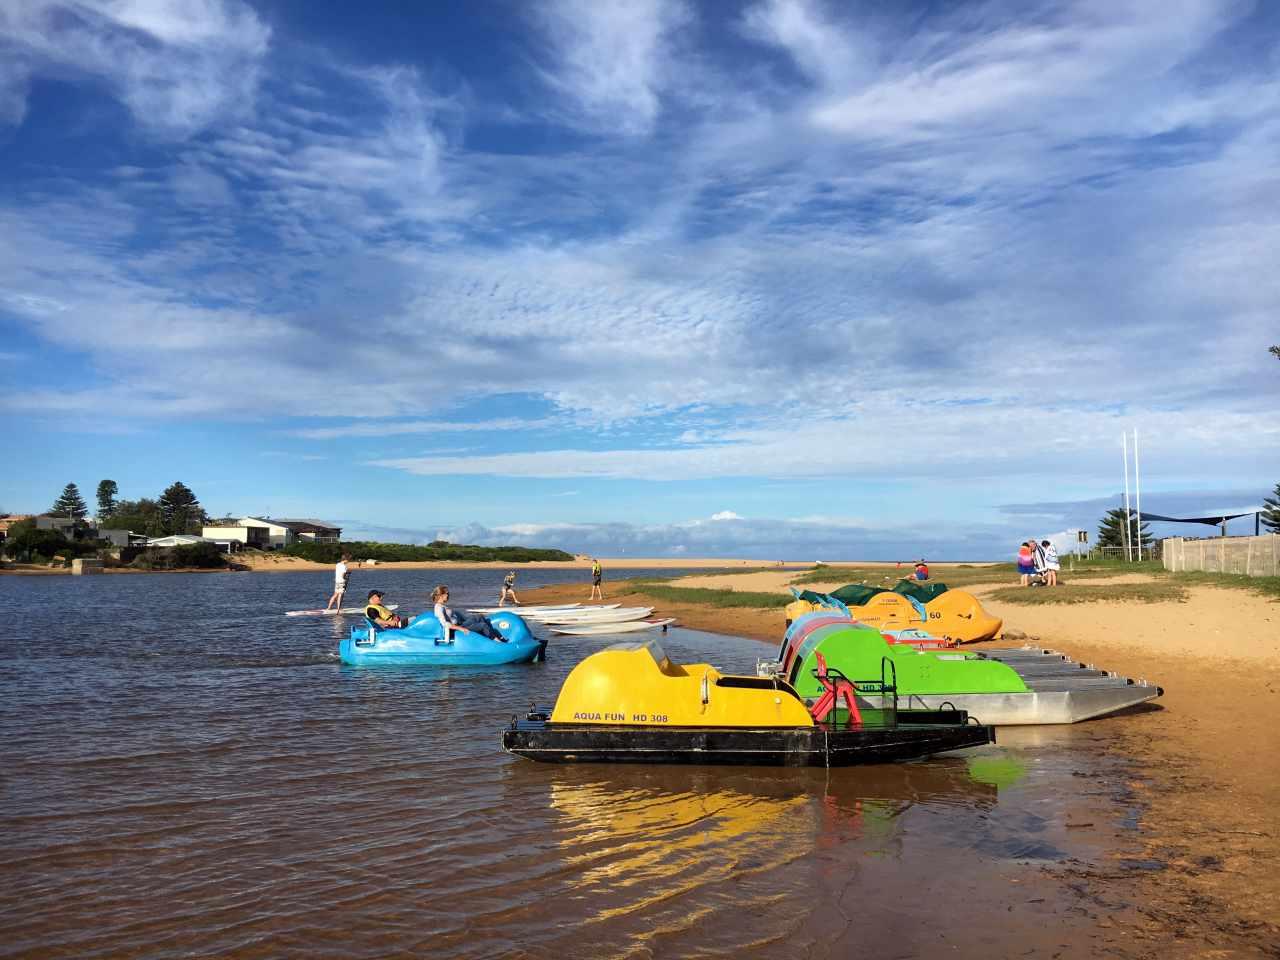 Aquafun - stand-up paddle boards, kayaks and peddle boats at Avoca Lake